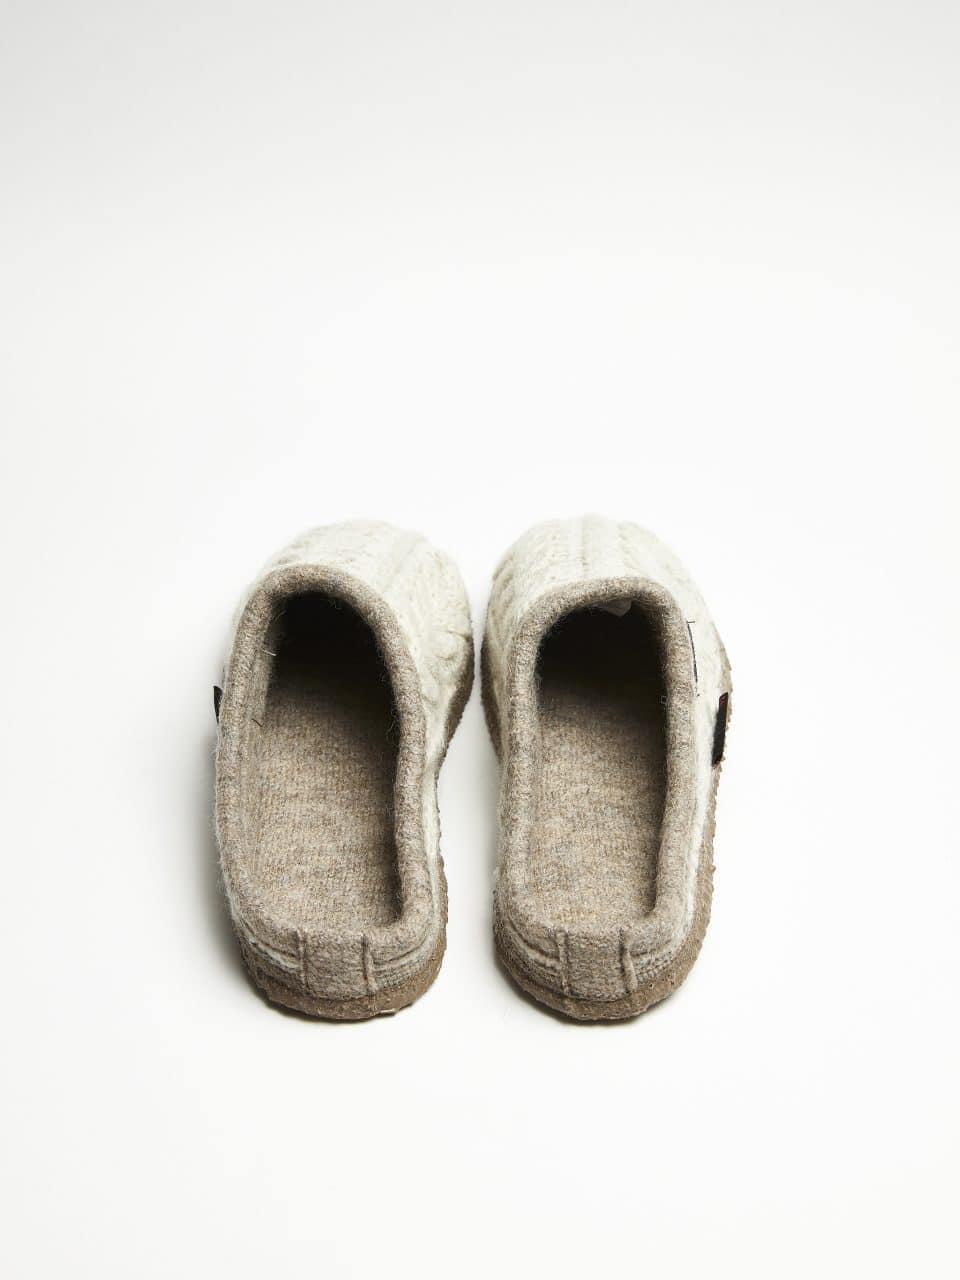 NEDAU BEIG Giesswein en Loyna Shoes